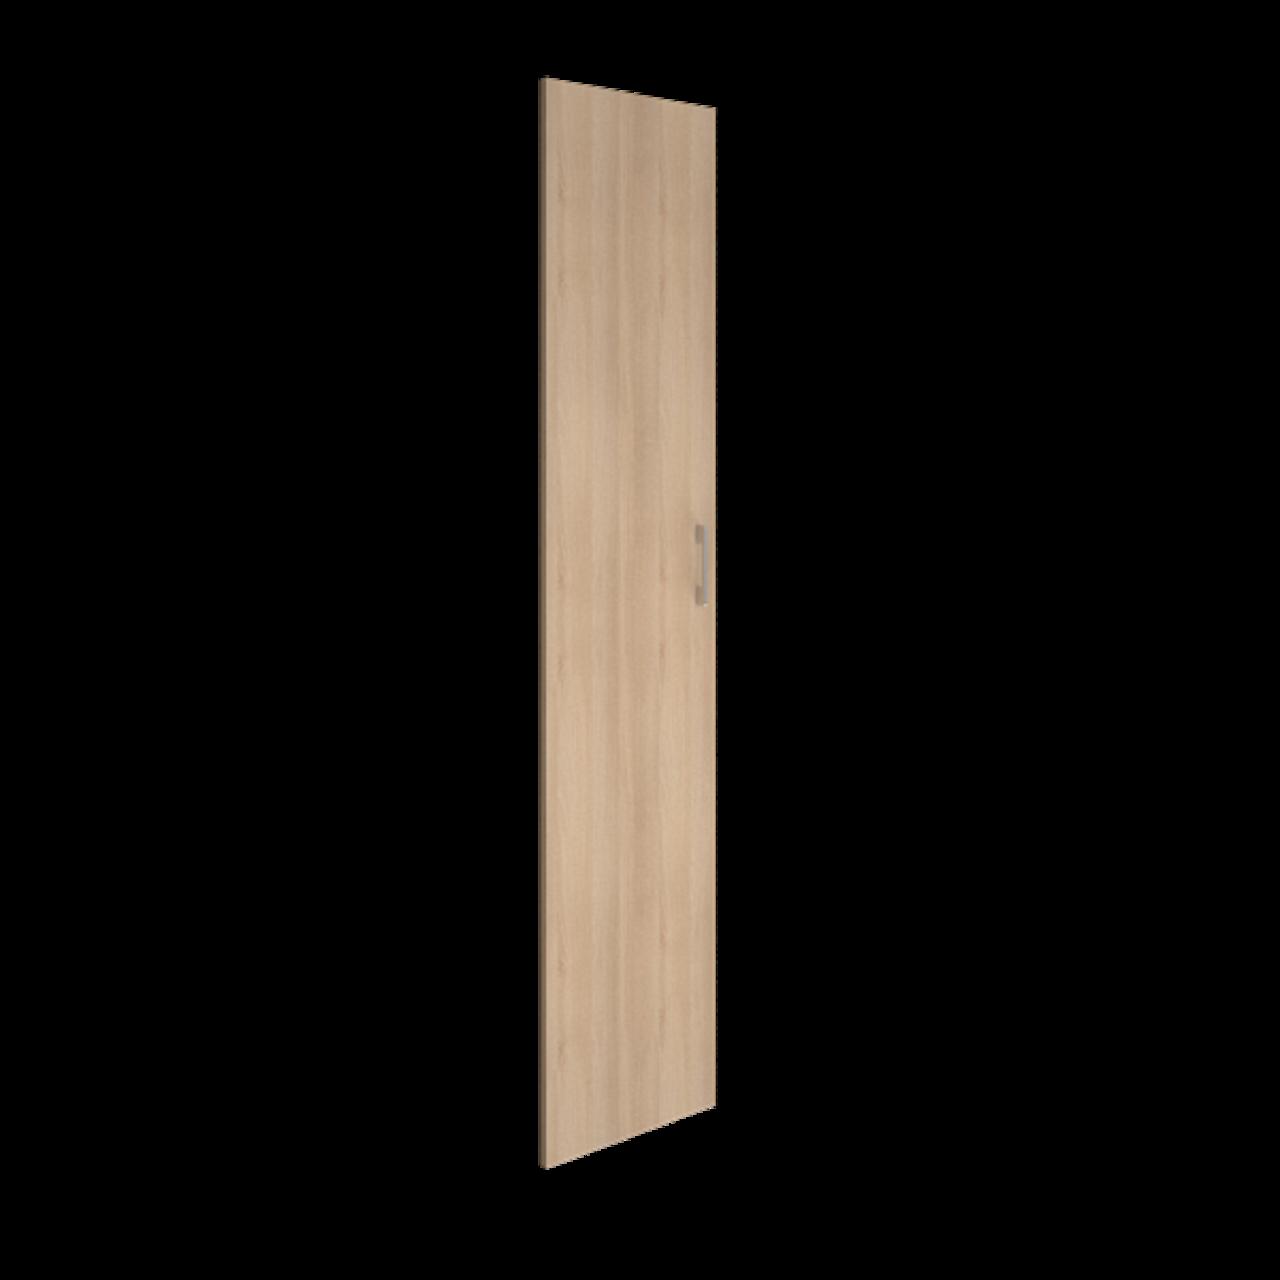 Дверь дсп высокая левая - фото 5